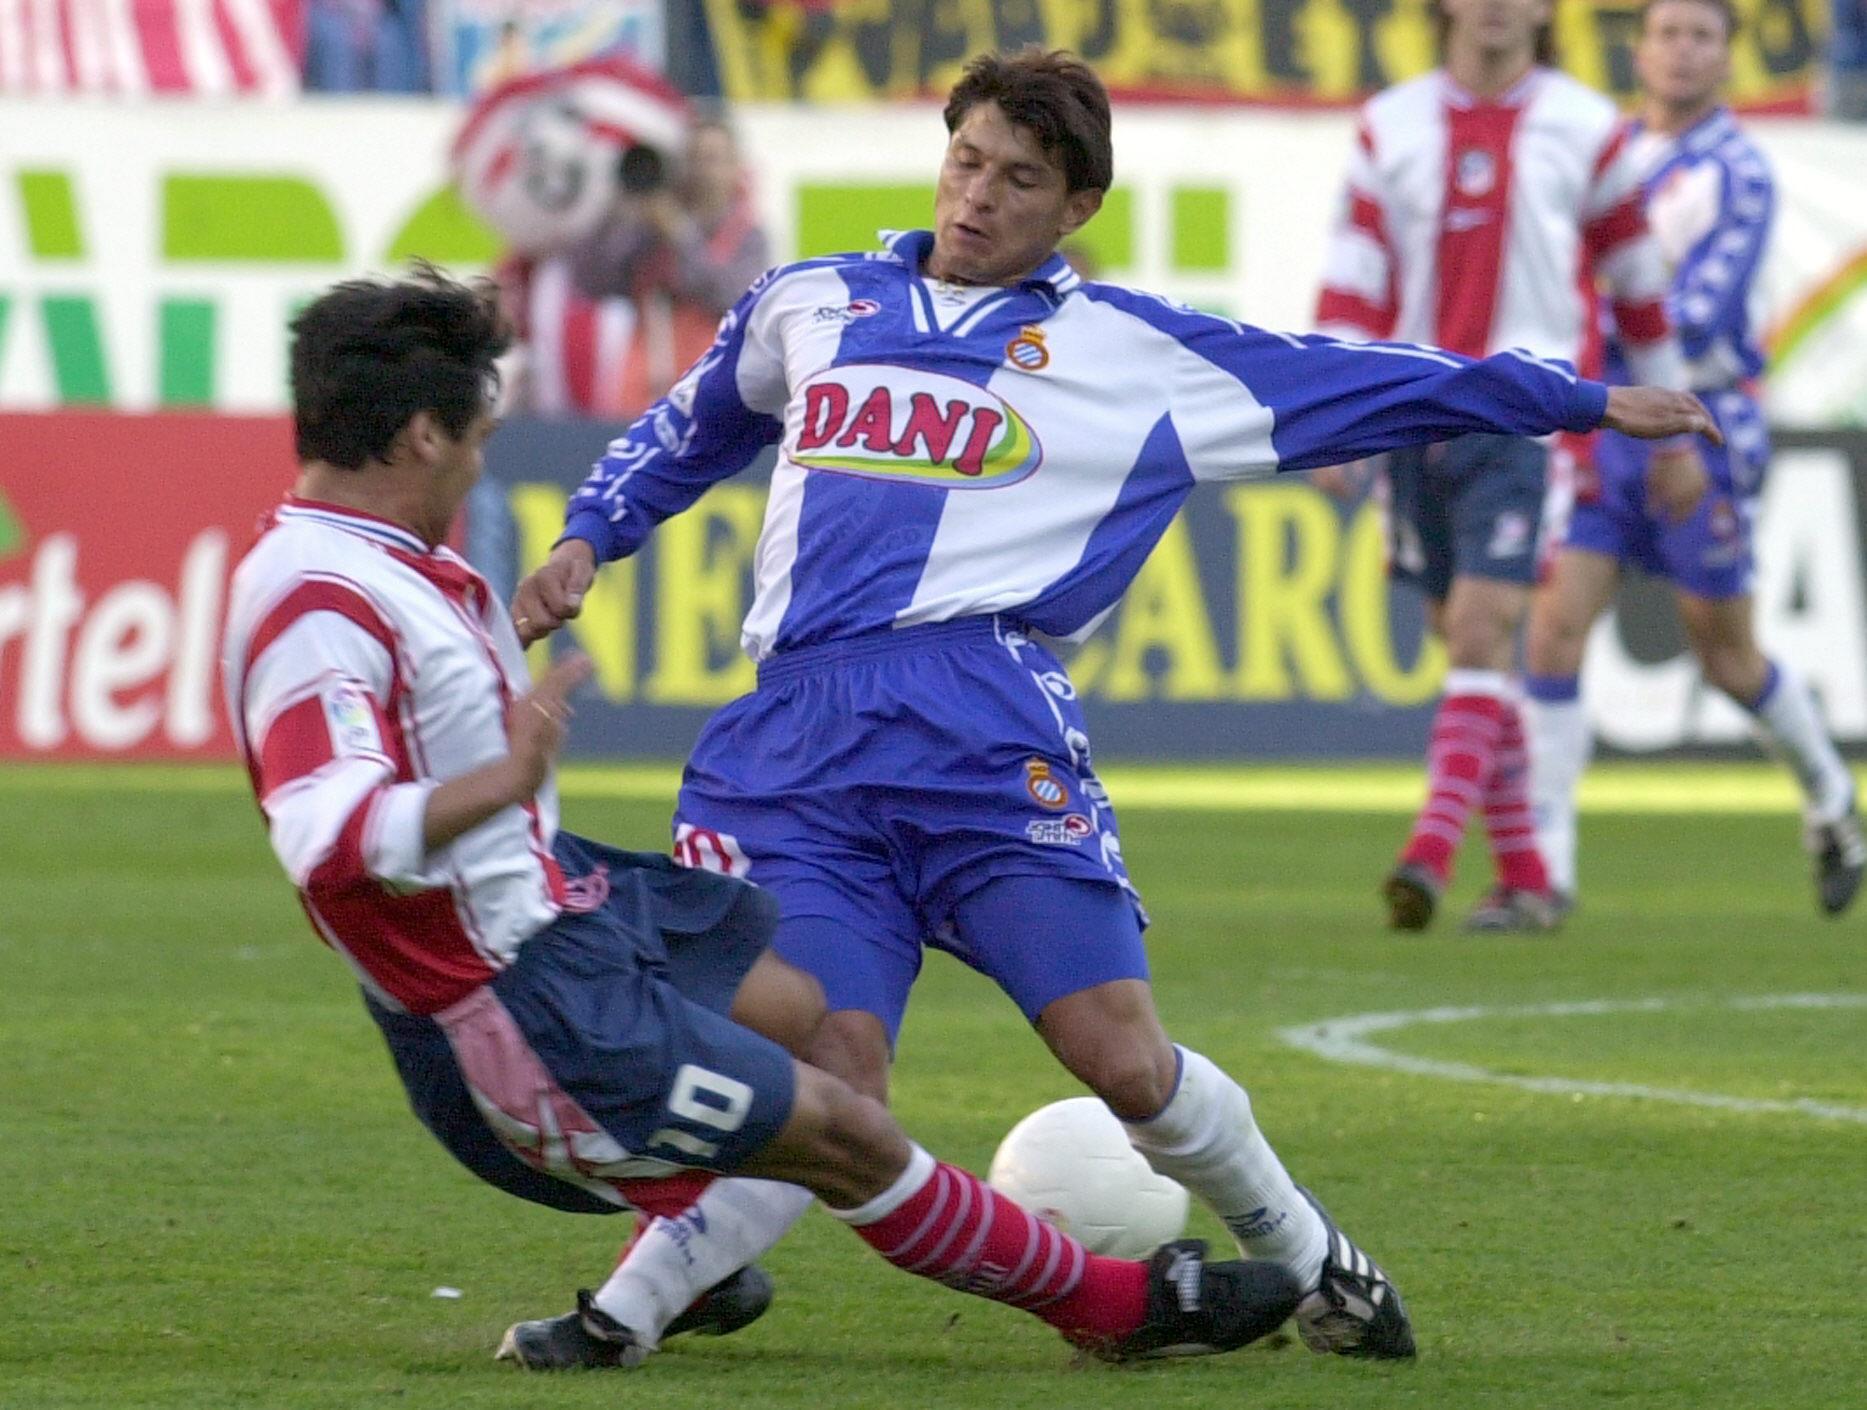 Benítez, con la camiseta del Espanyol, se enfrenta a su exequipo, el Atleti, y a su compatriota Celso Ayala, en un partido de Liga de la temporada 99-2000 (Archivo 20minutos).